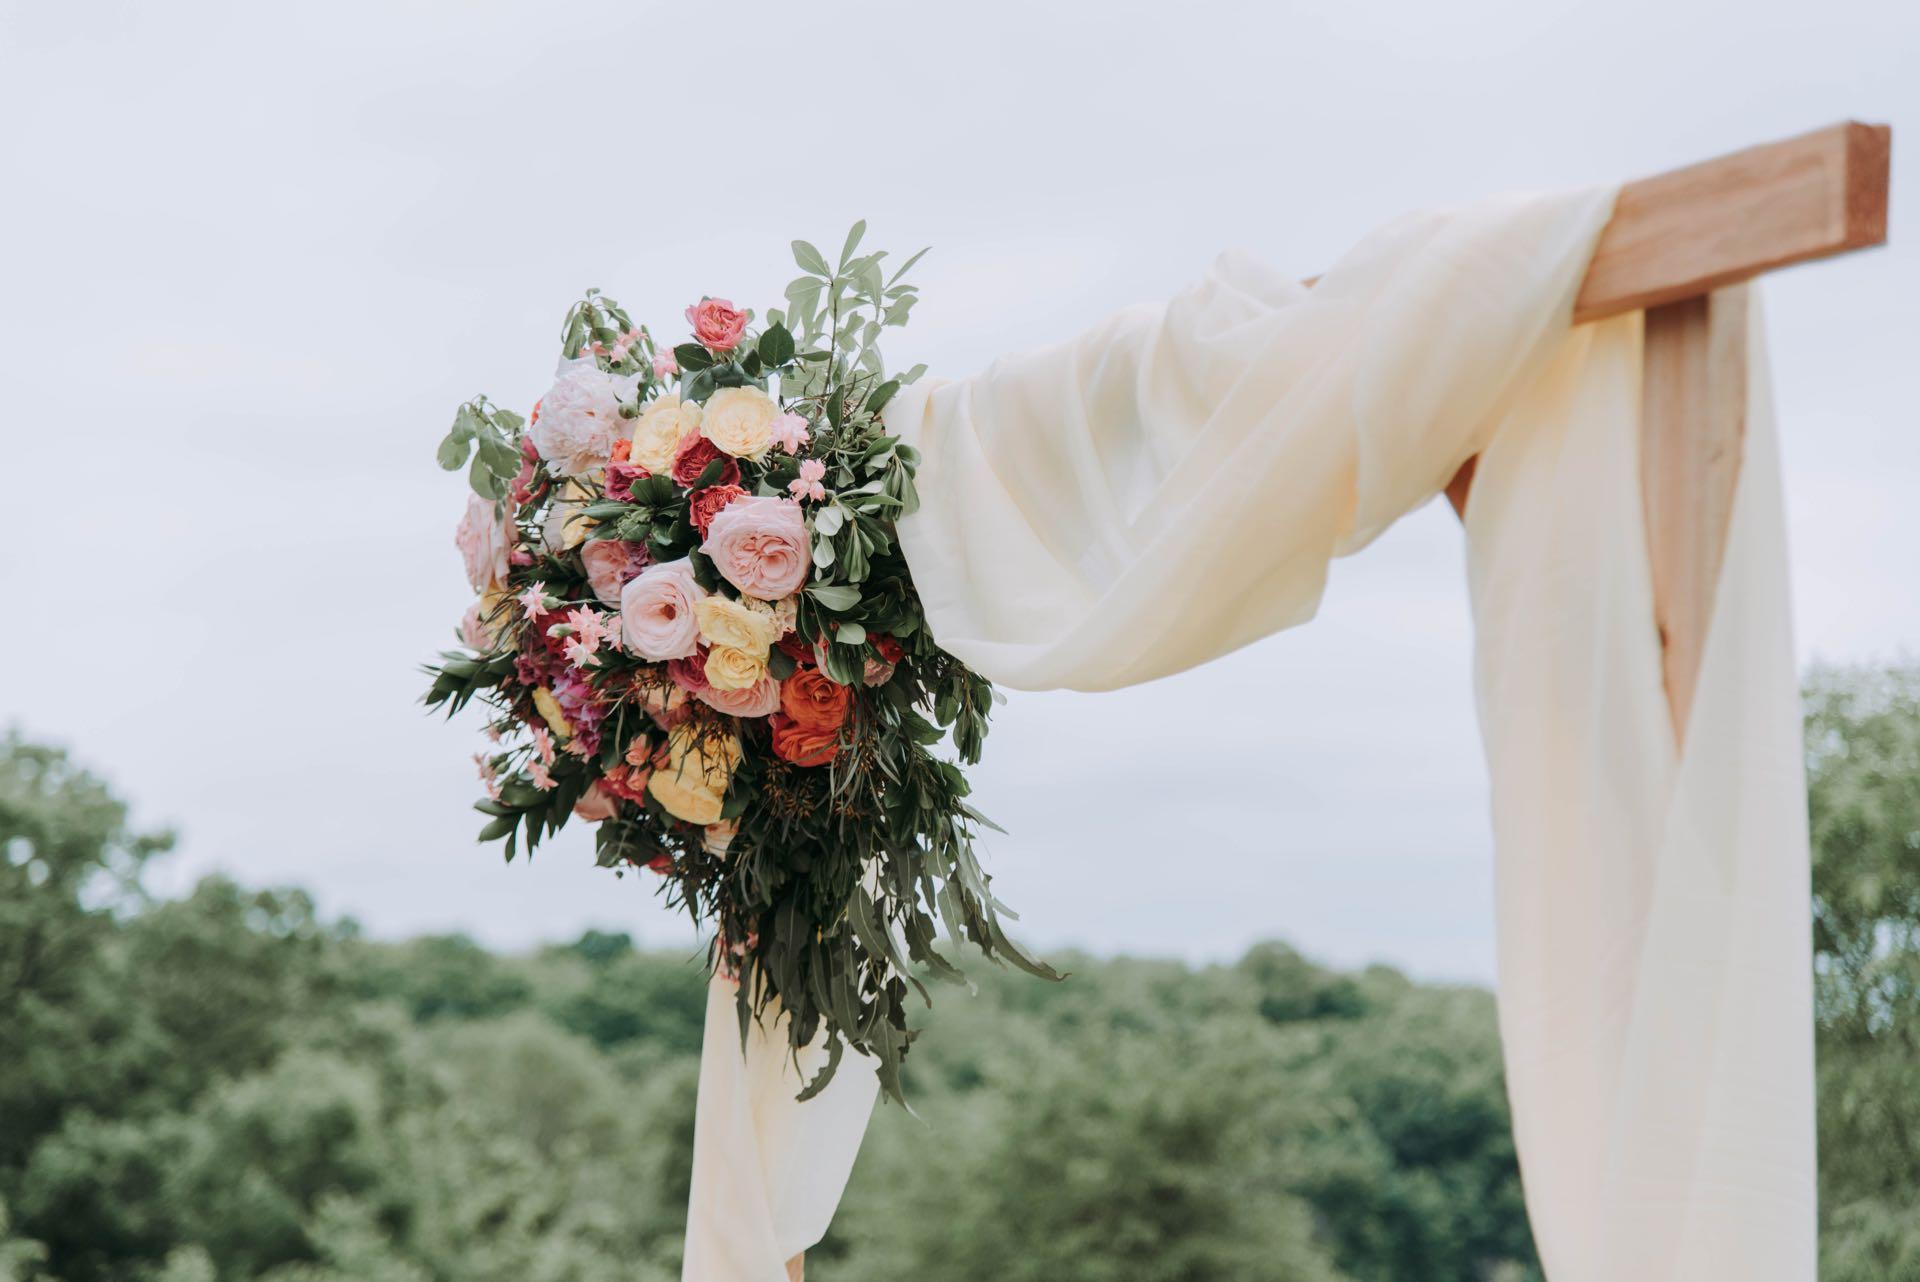 Hochzeitstrends 2019 Dies Sind Die Ultimativen Trends Für Eure